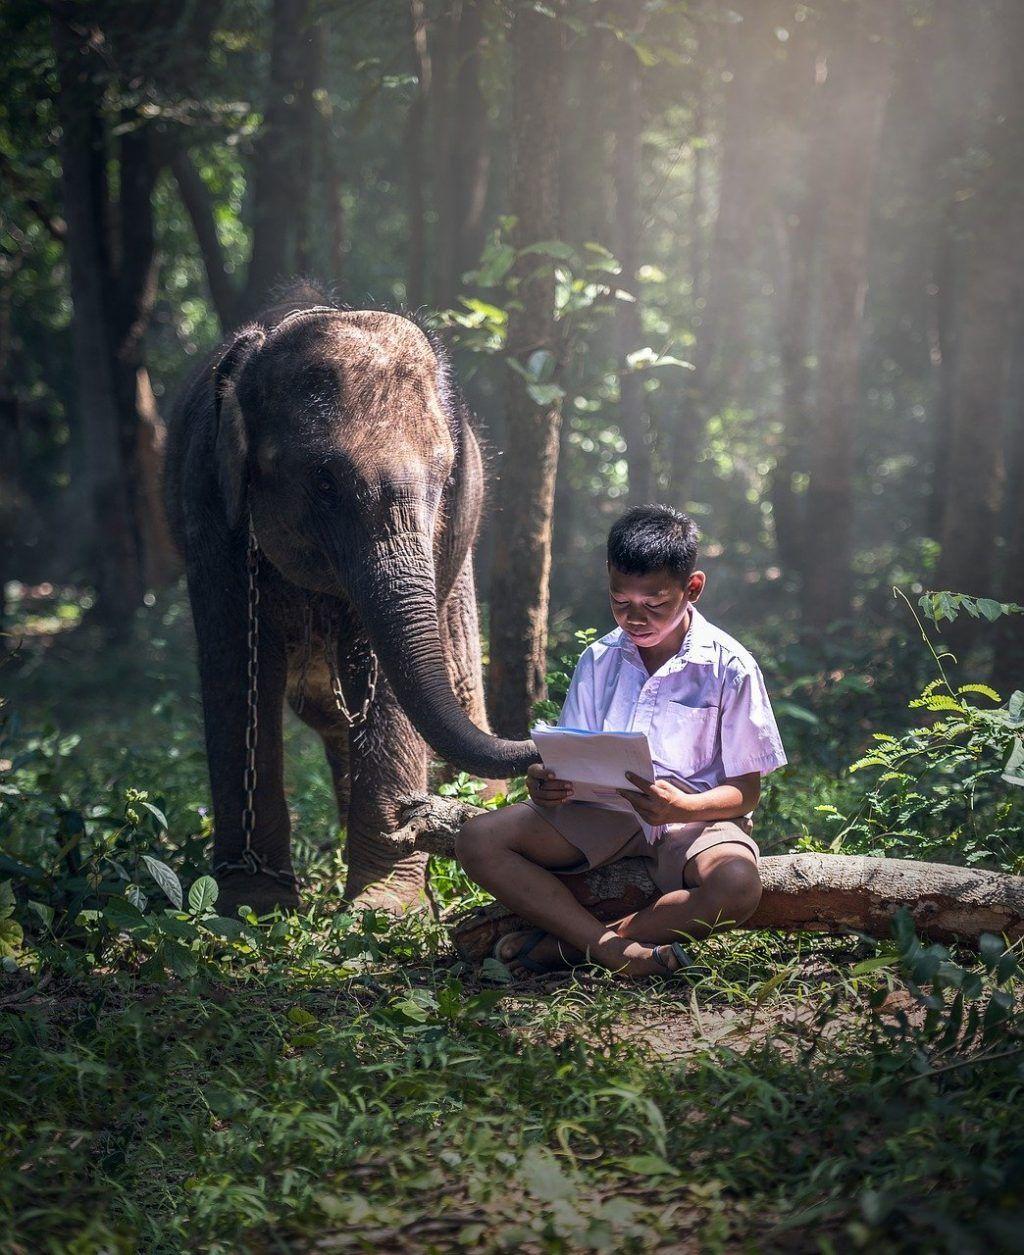 Creencias limitantes - Elefante encadenado y niño